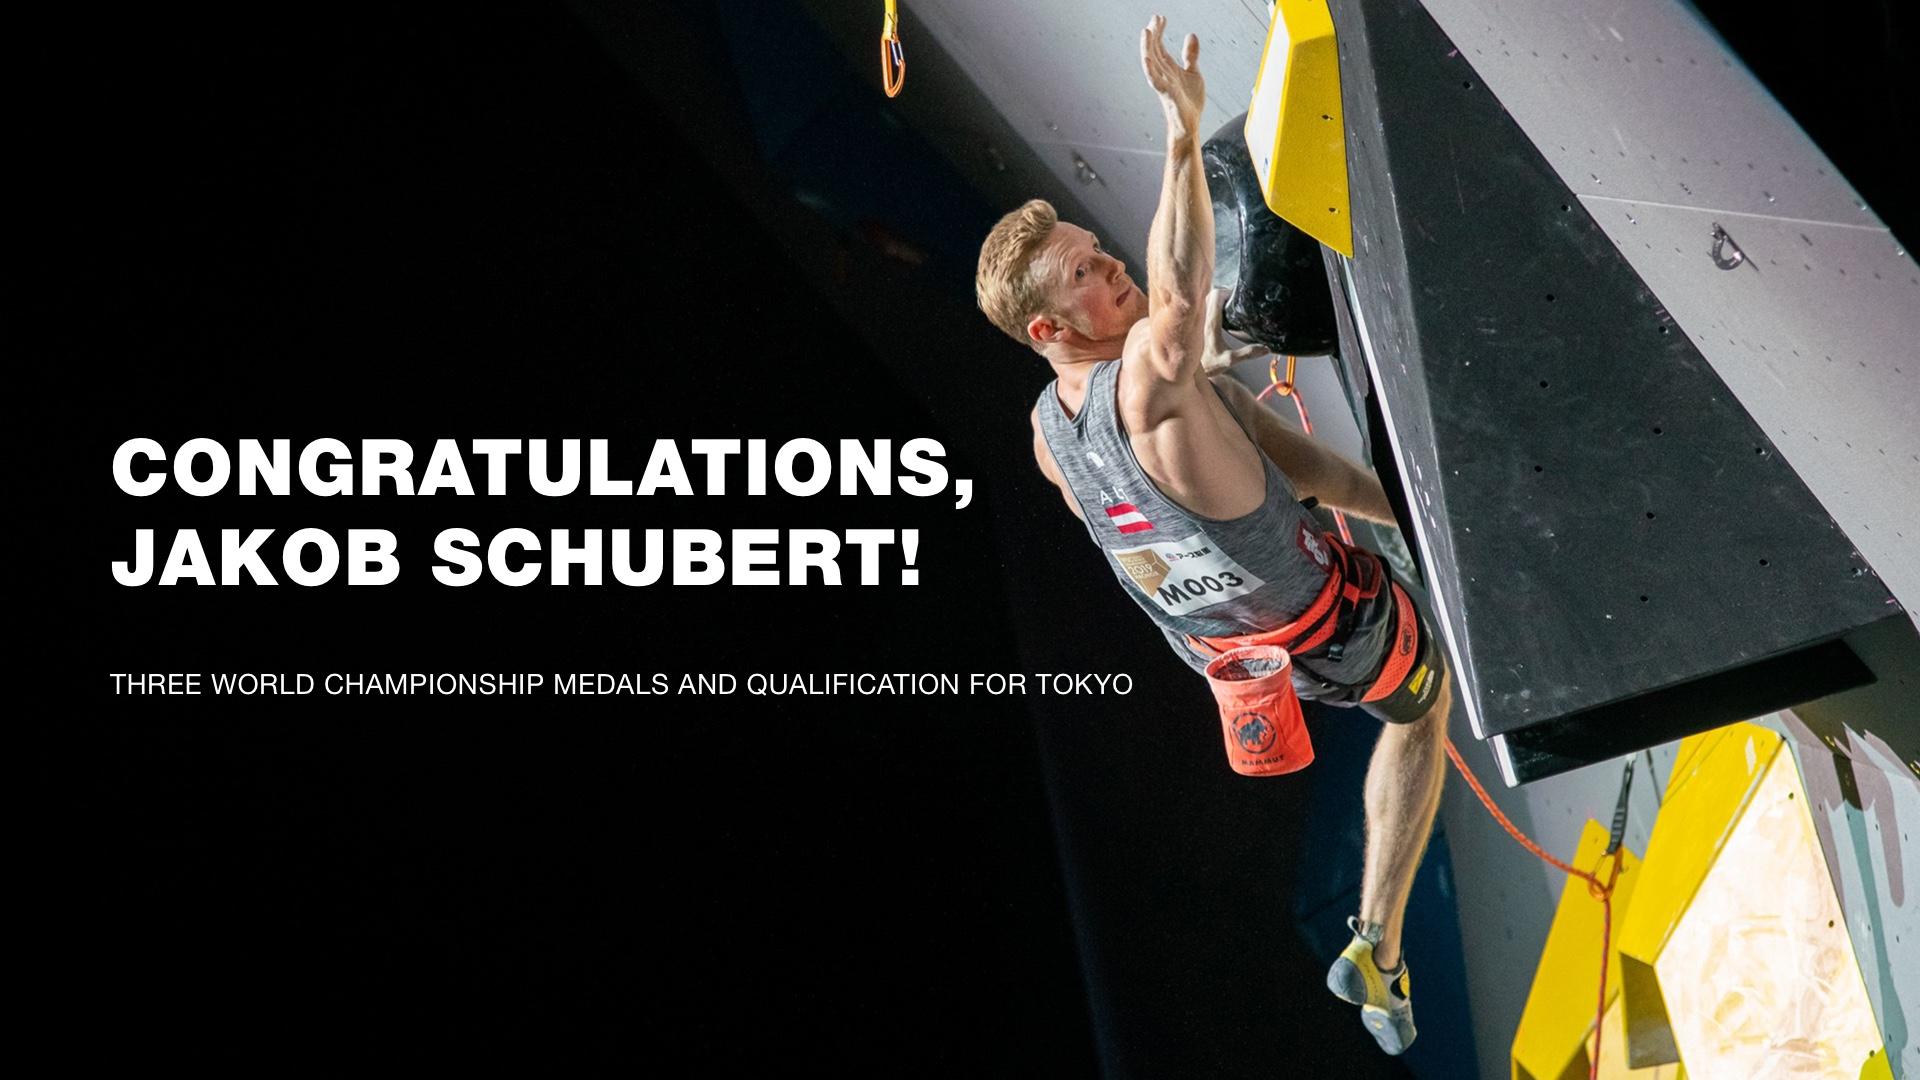 IFSC Climbing World Championships Mammut Athlete Jakob Schubert